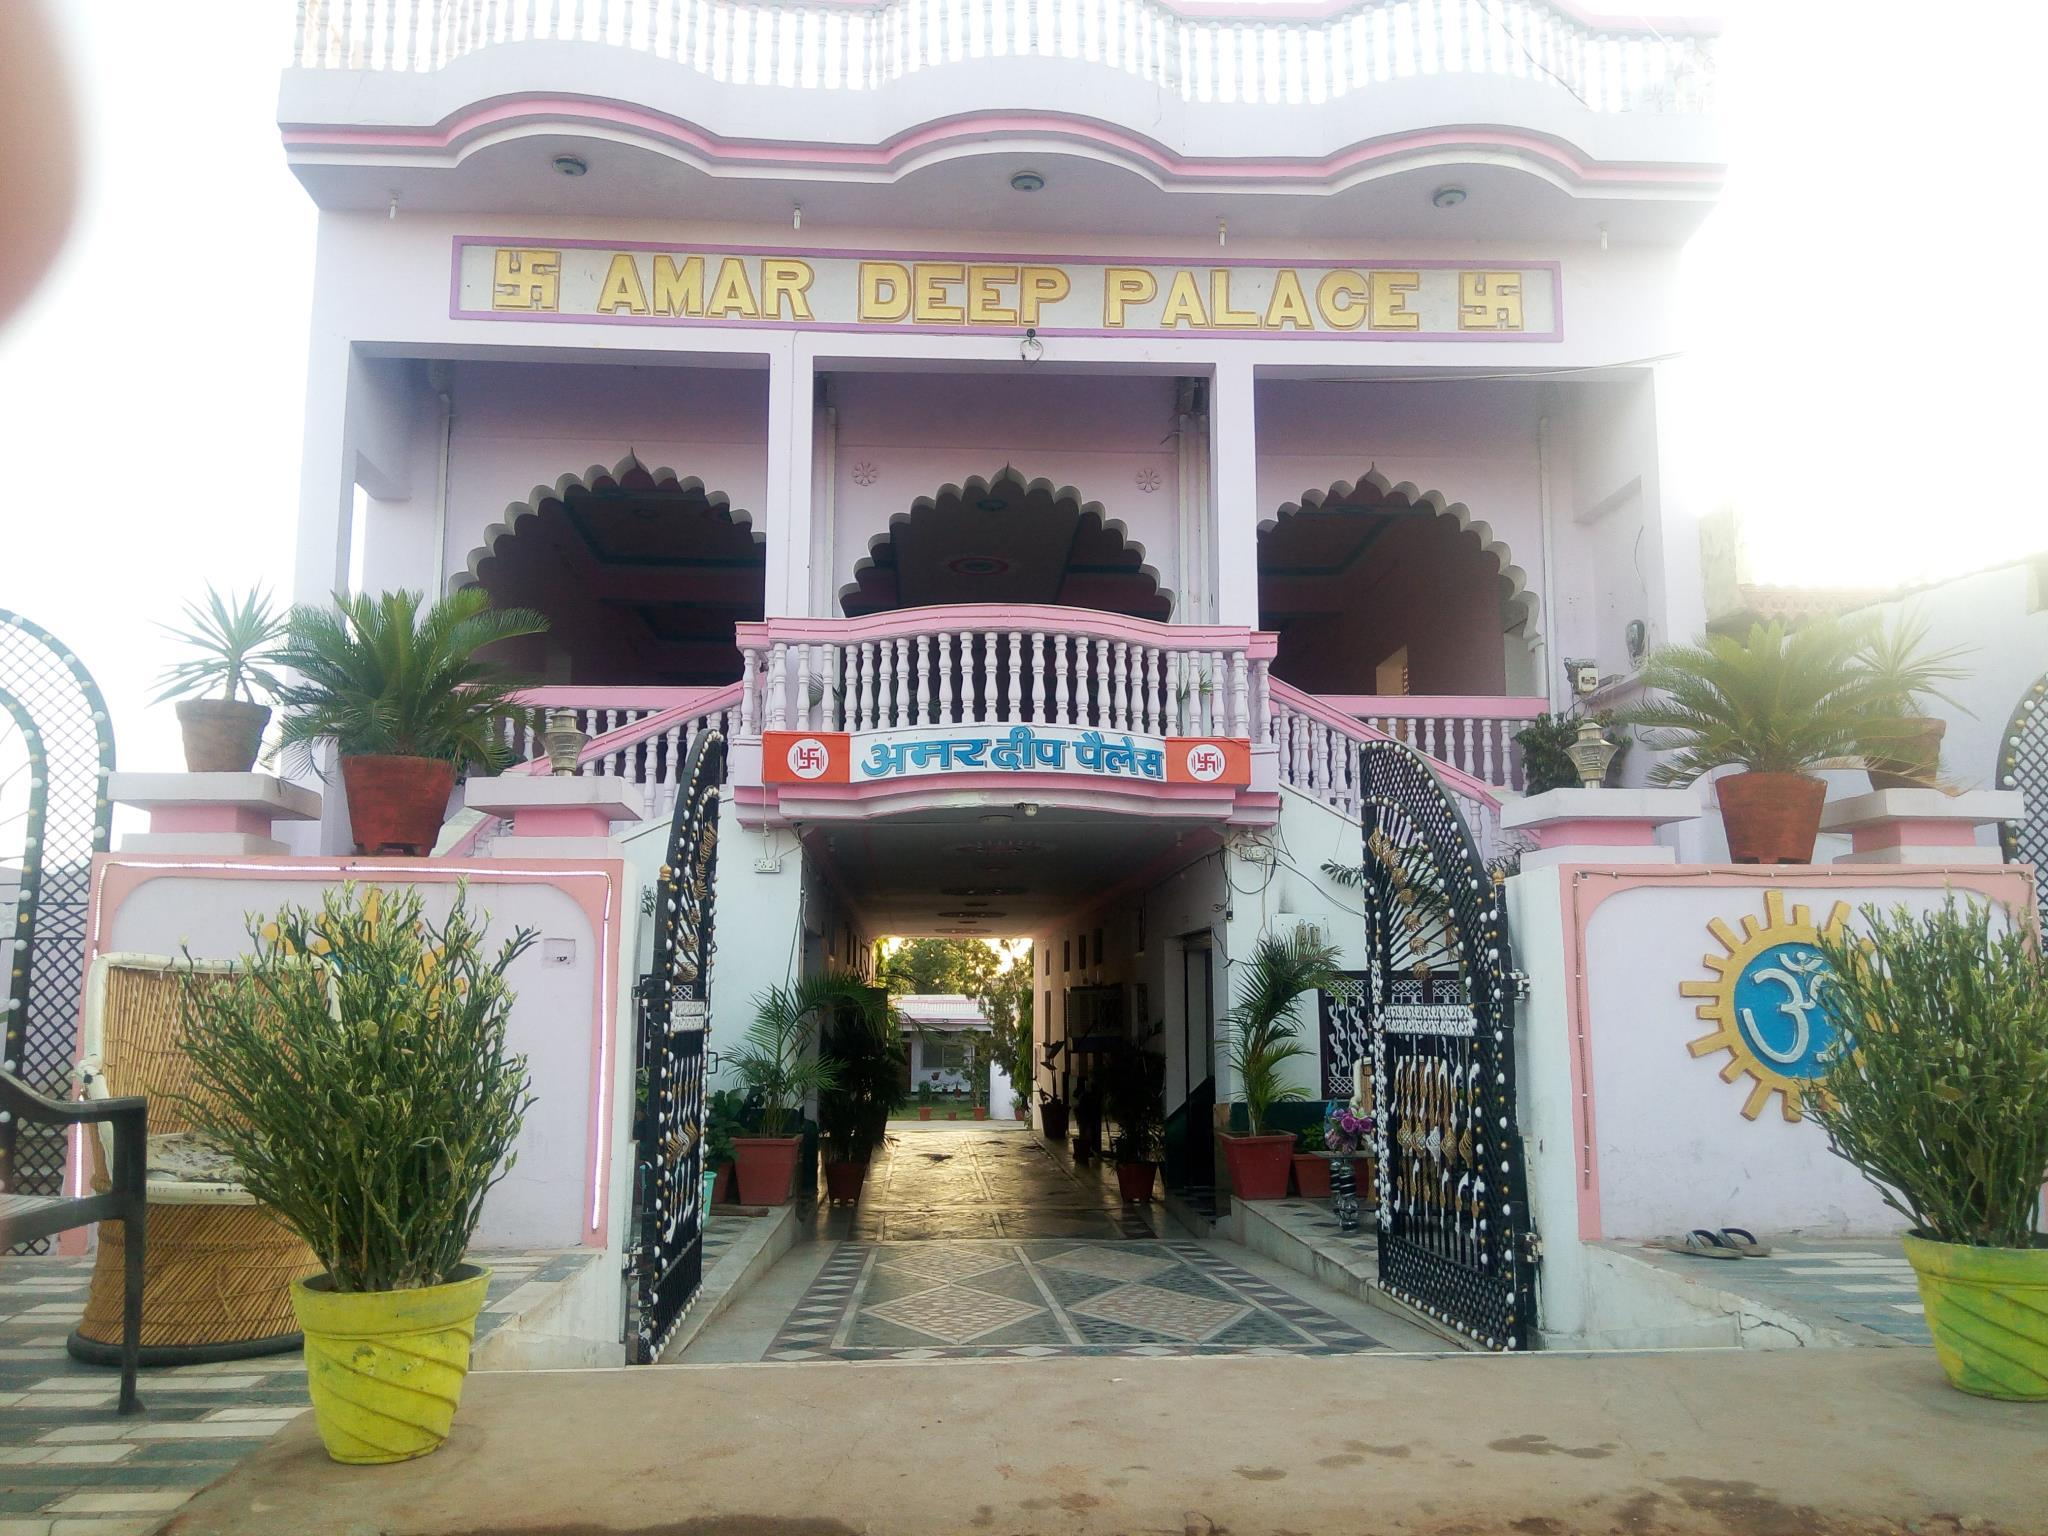 Amar Deep Palace